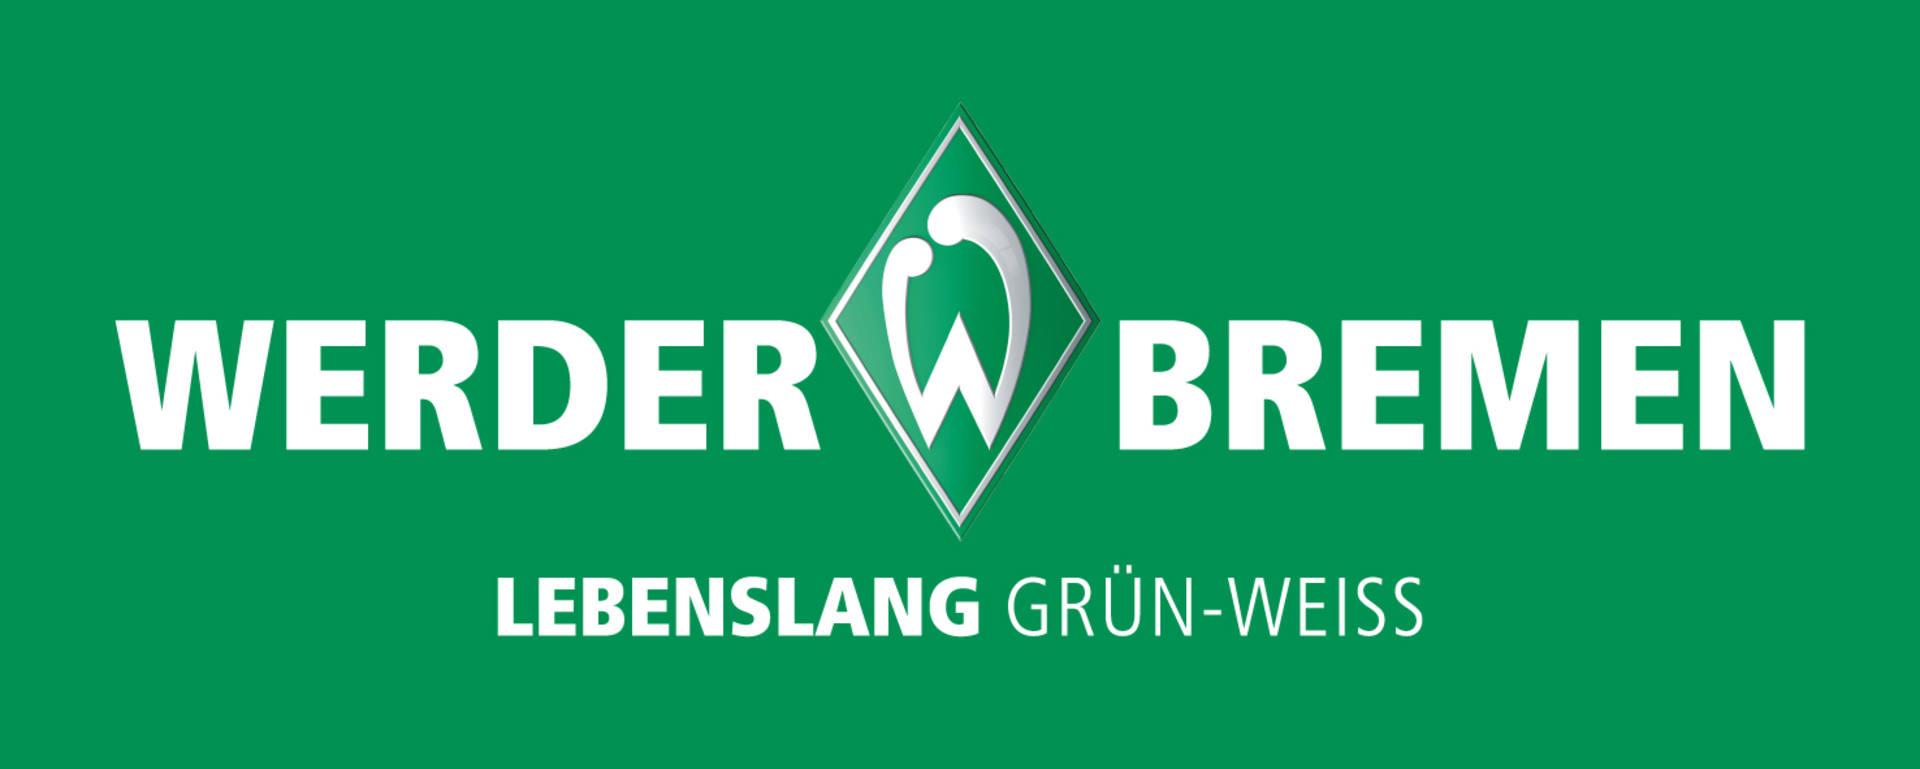 Außergewöhnlich Spieltagsthread FC Schalke 04 - SV WERDER BREMEN | Forum des SV #ZW_93